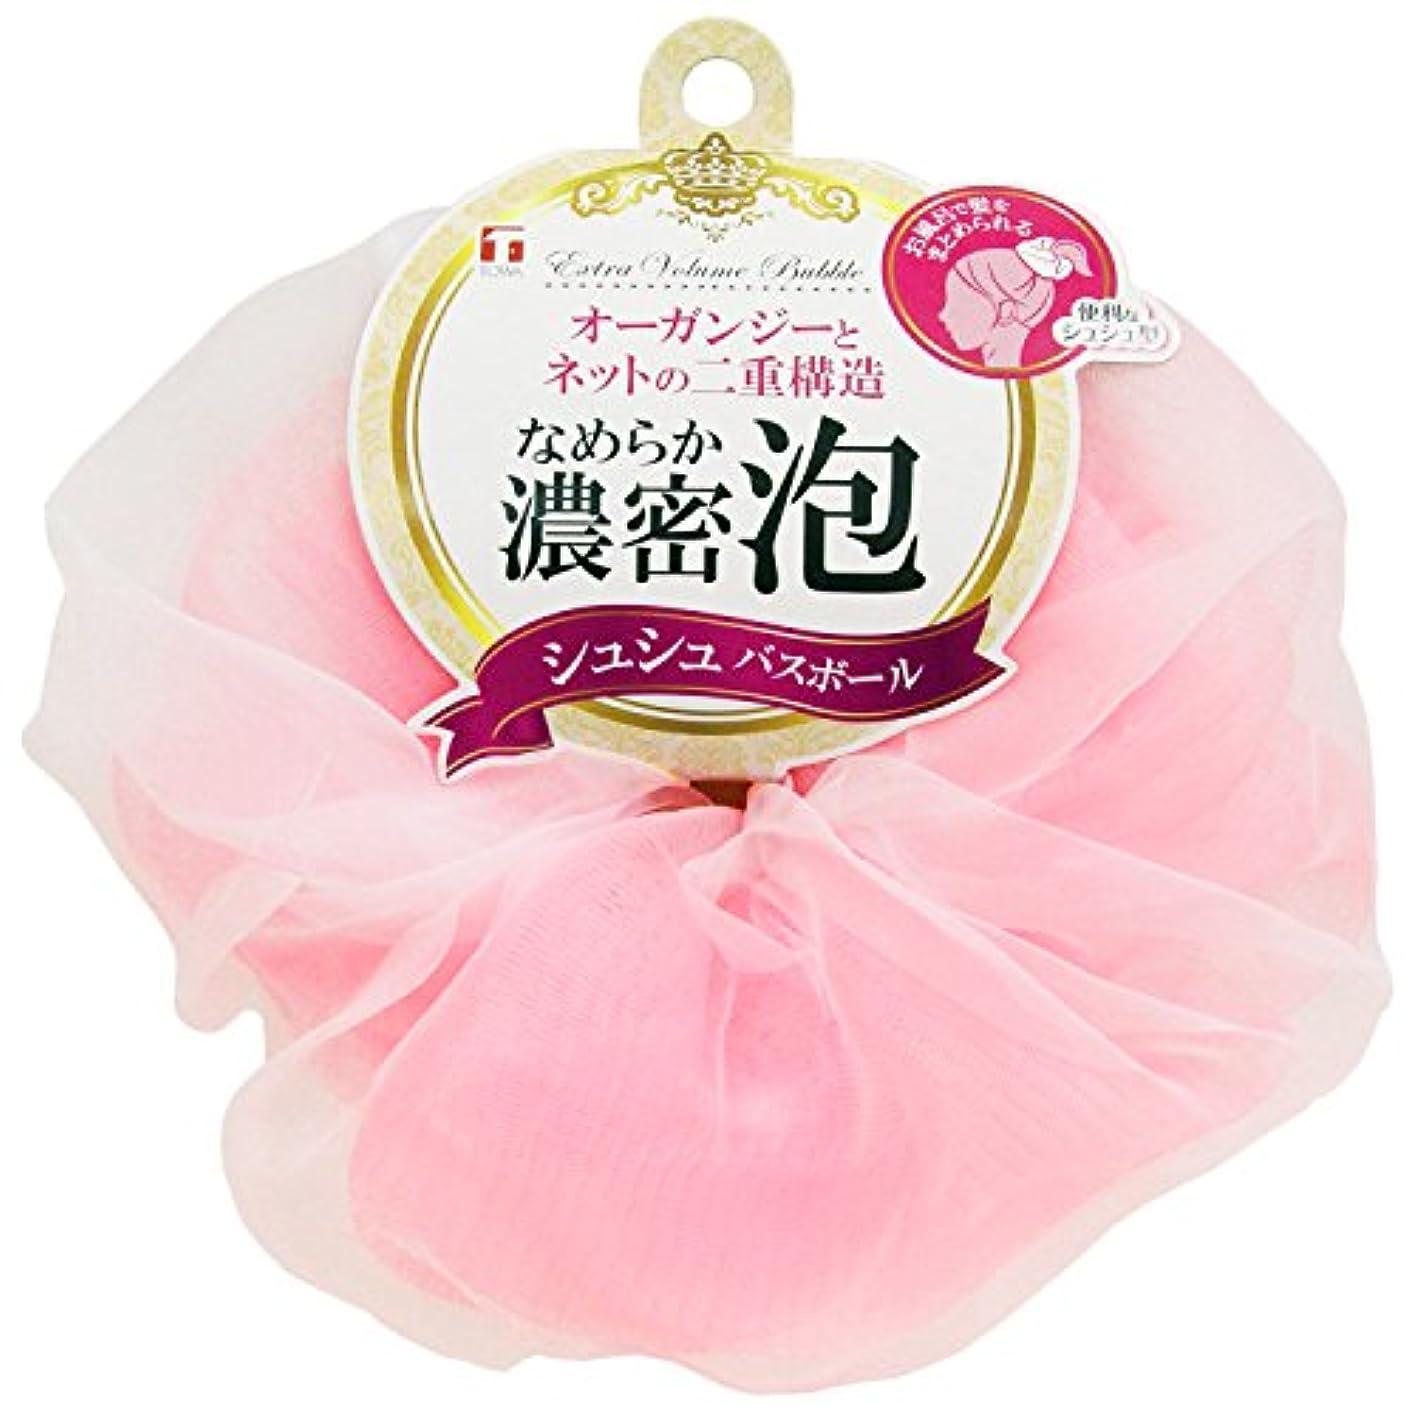 気晴らしガレージ創始者東和産業 泡立てネット シュシュ バスボール ピンク 直径約14cm